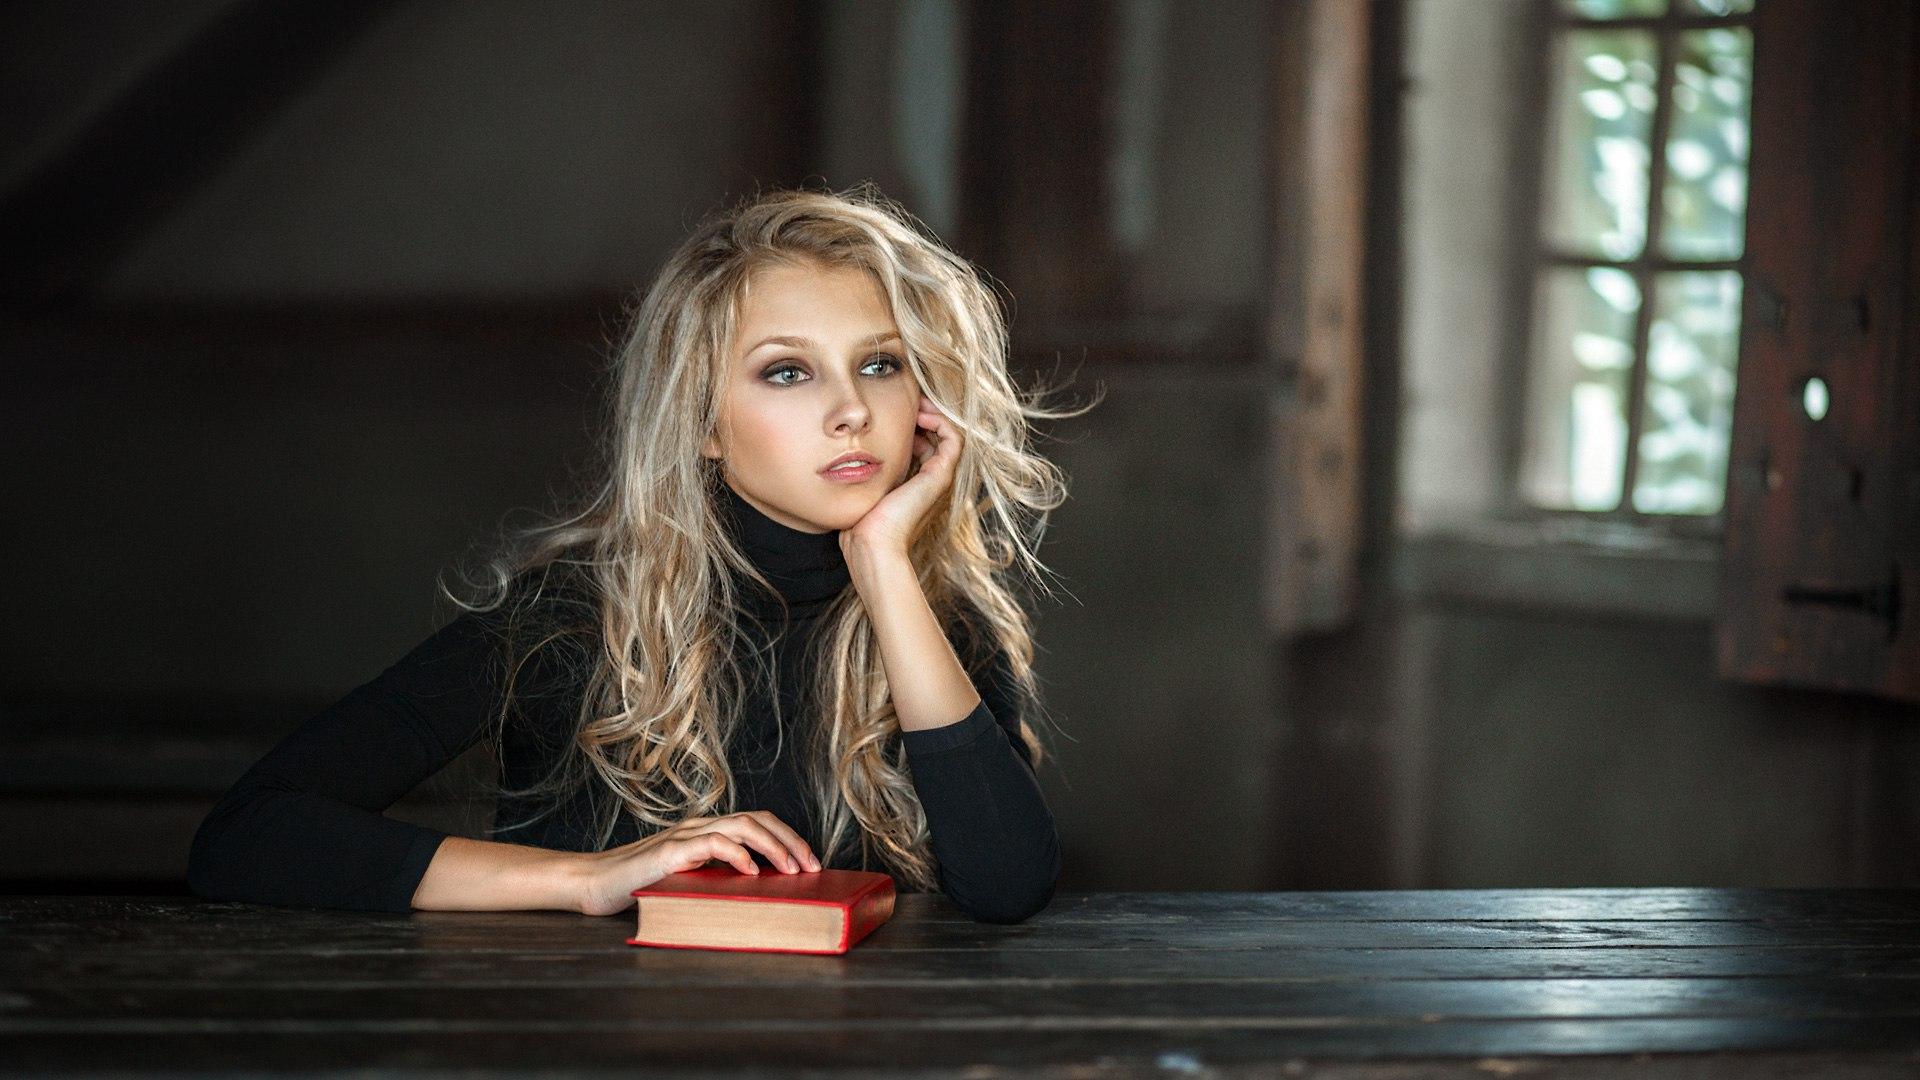 девушка блондинка книга girl blonde book  № 2710564 загрузить